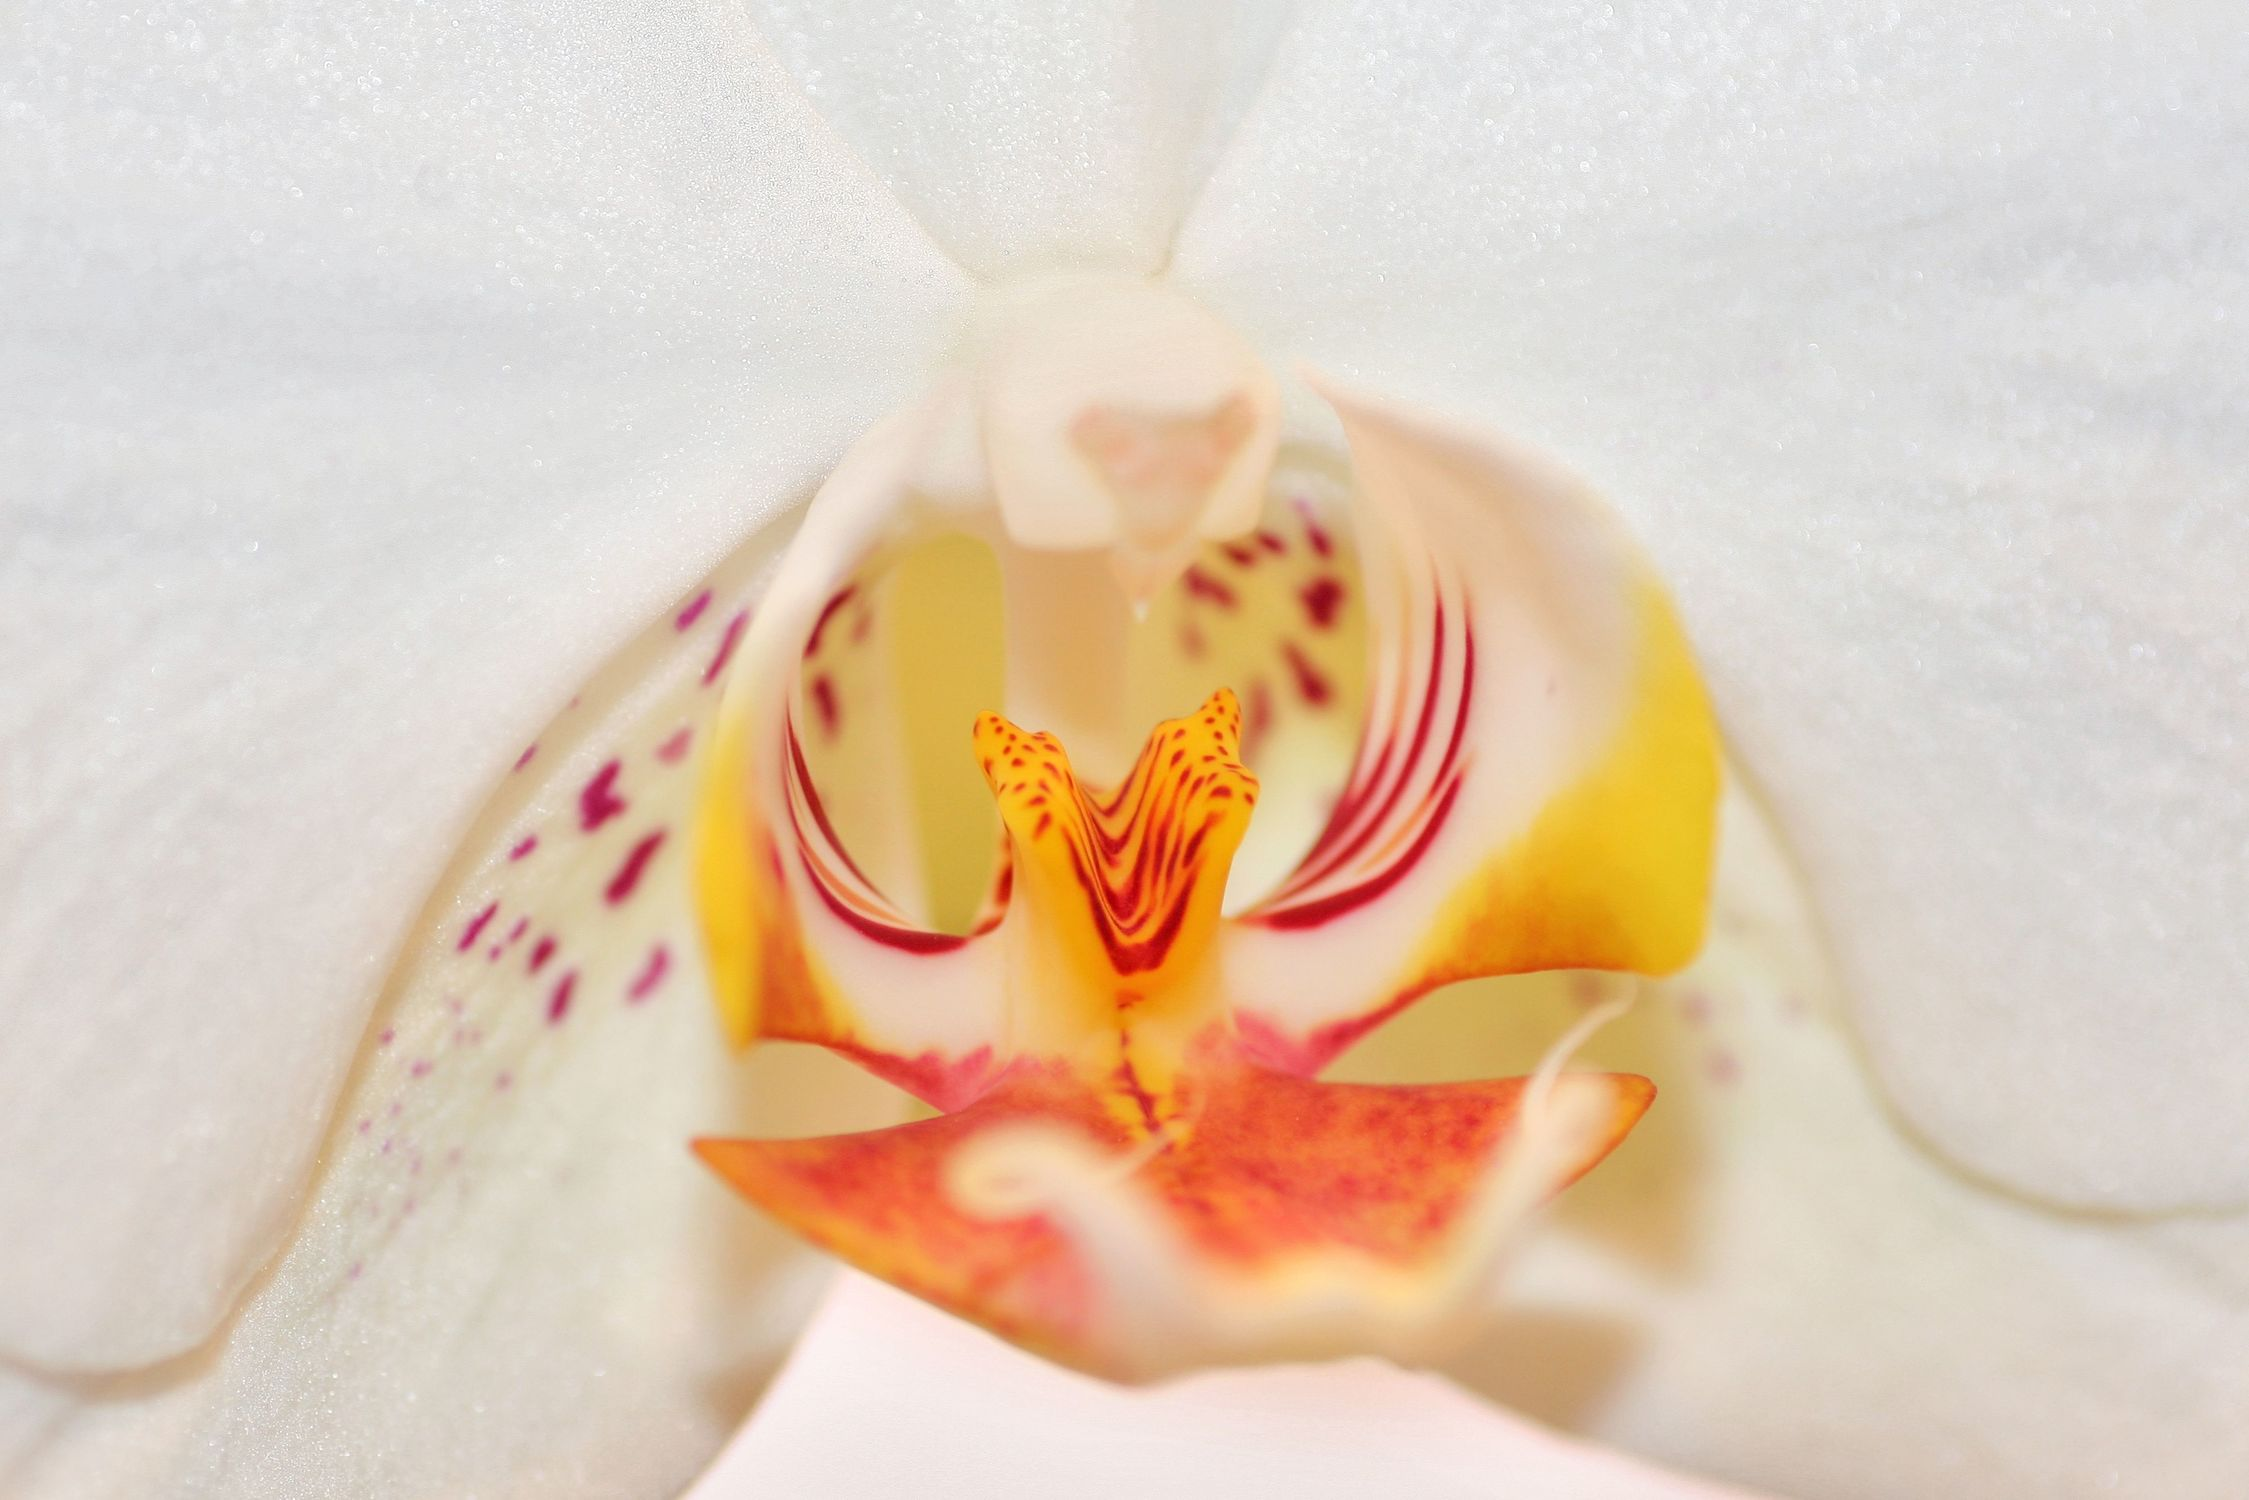 Bild mit Farben, Natur, Pflanzen, Blumen, Weiß, Rosa, Orchideen, Blume, Orchidee